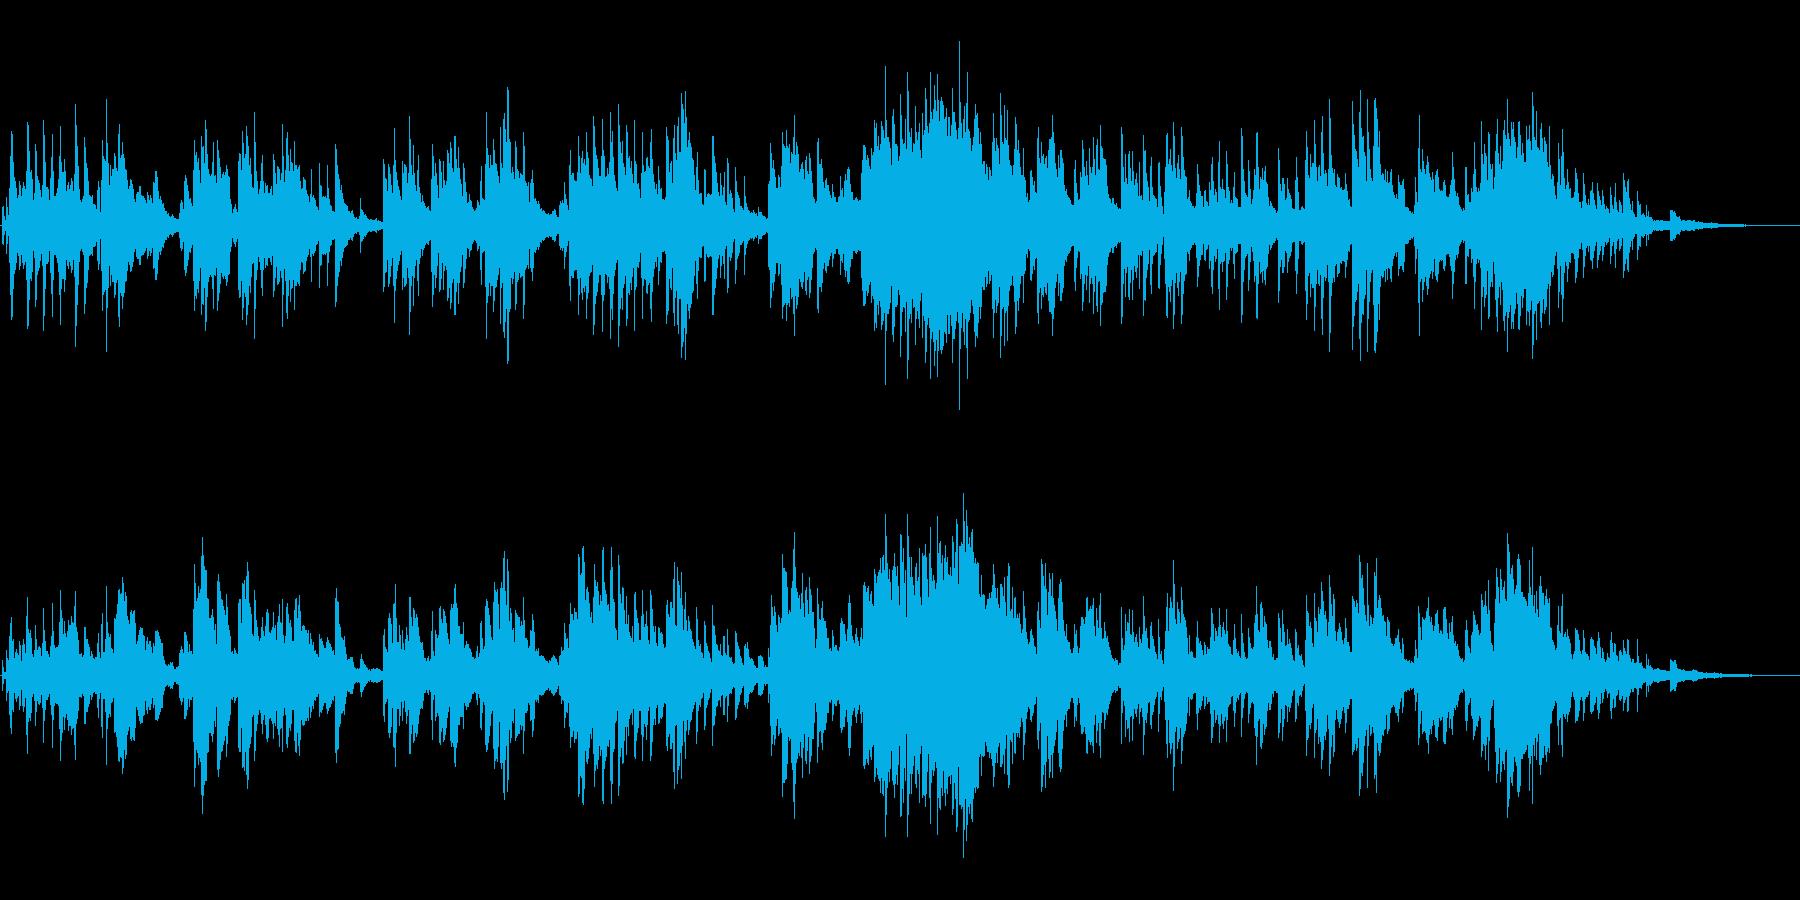 グランドピアノによる穏やかなピアノソロの再生済みの波形